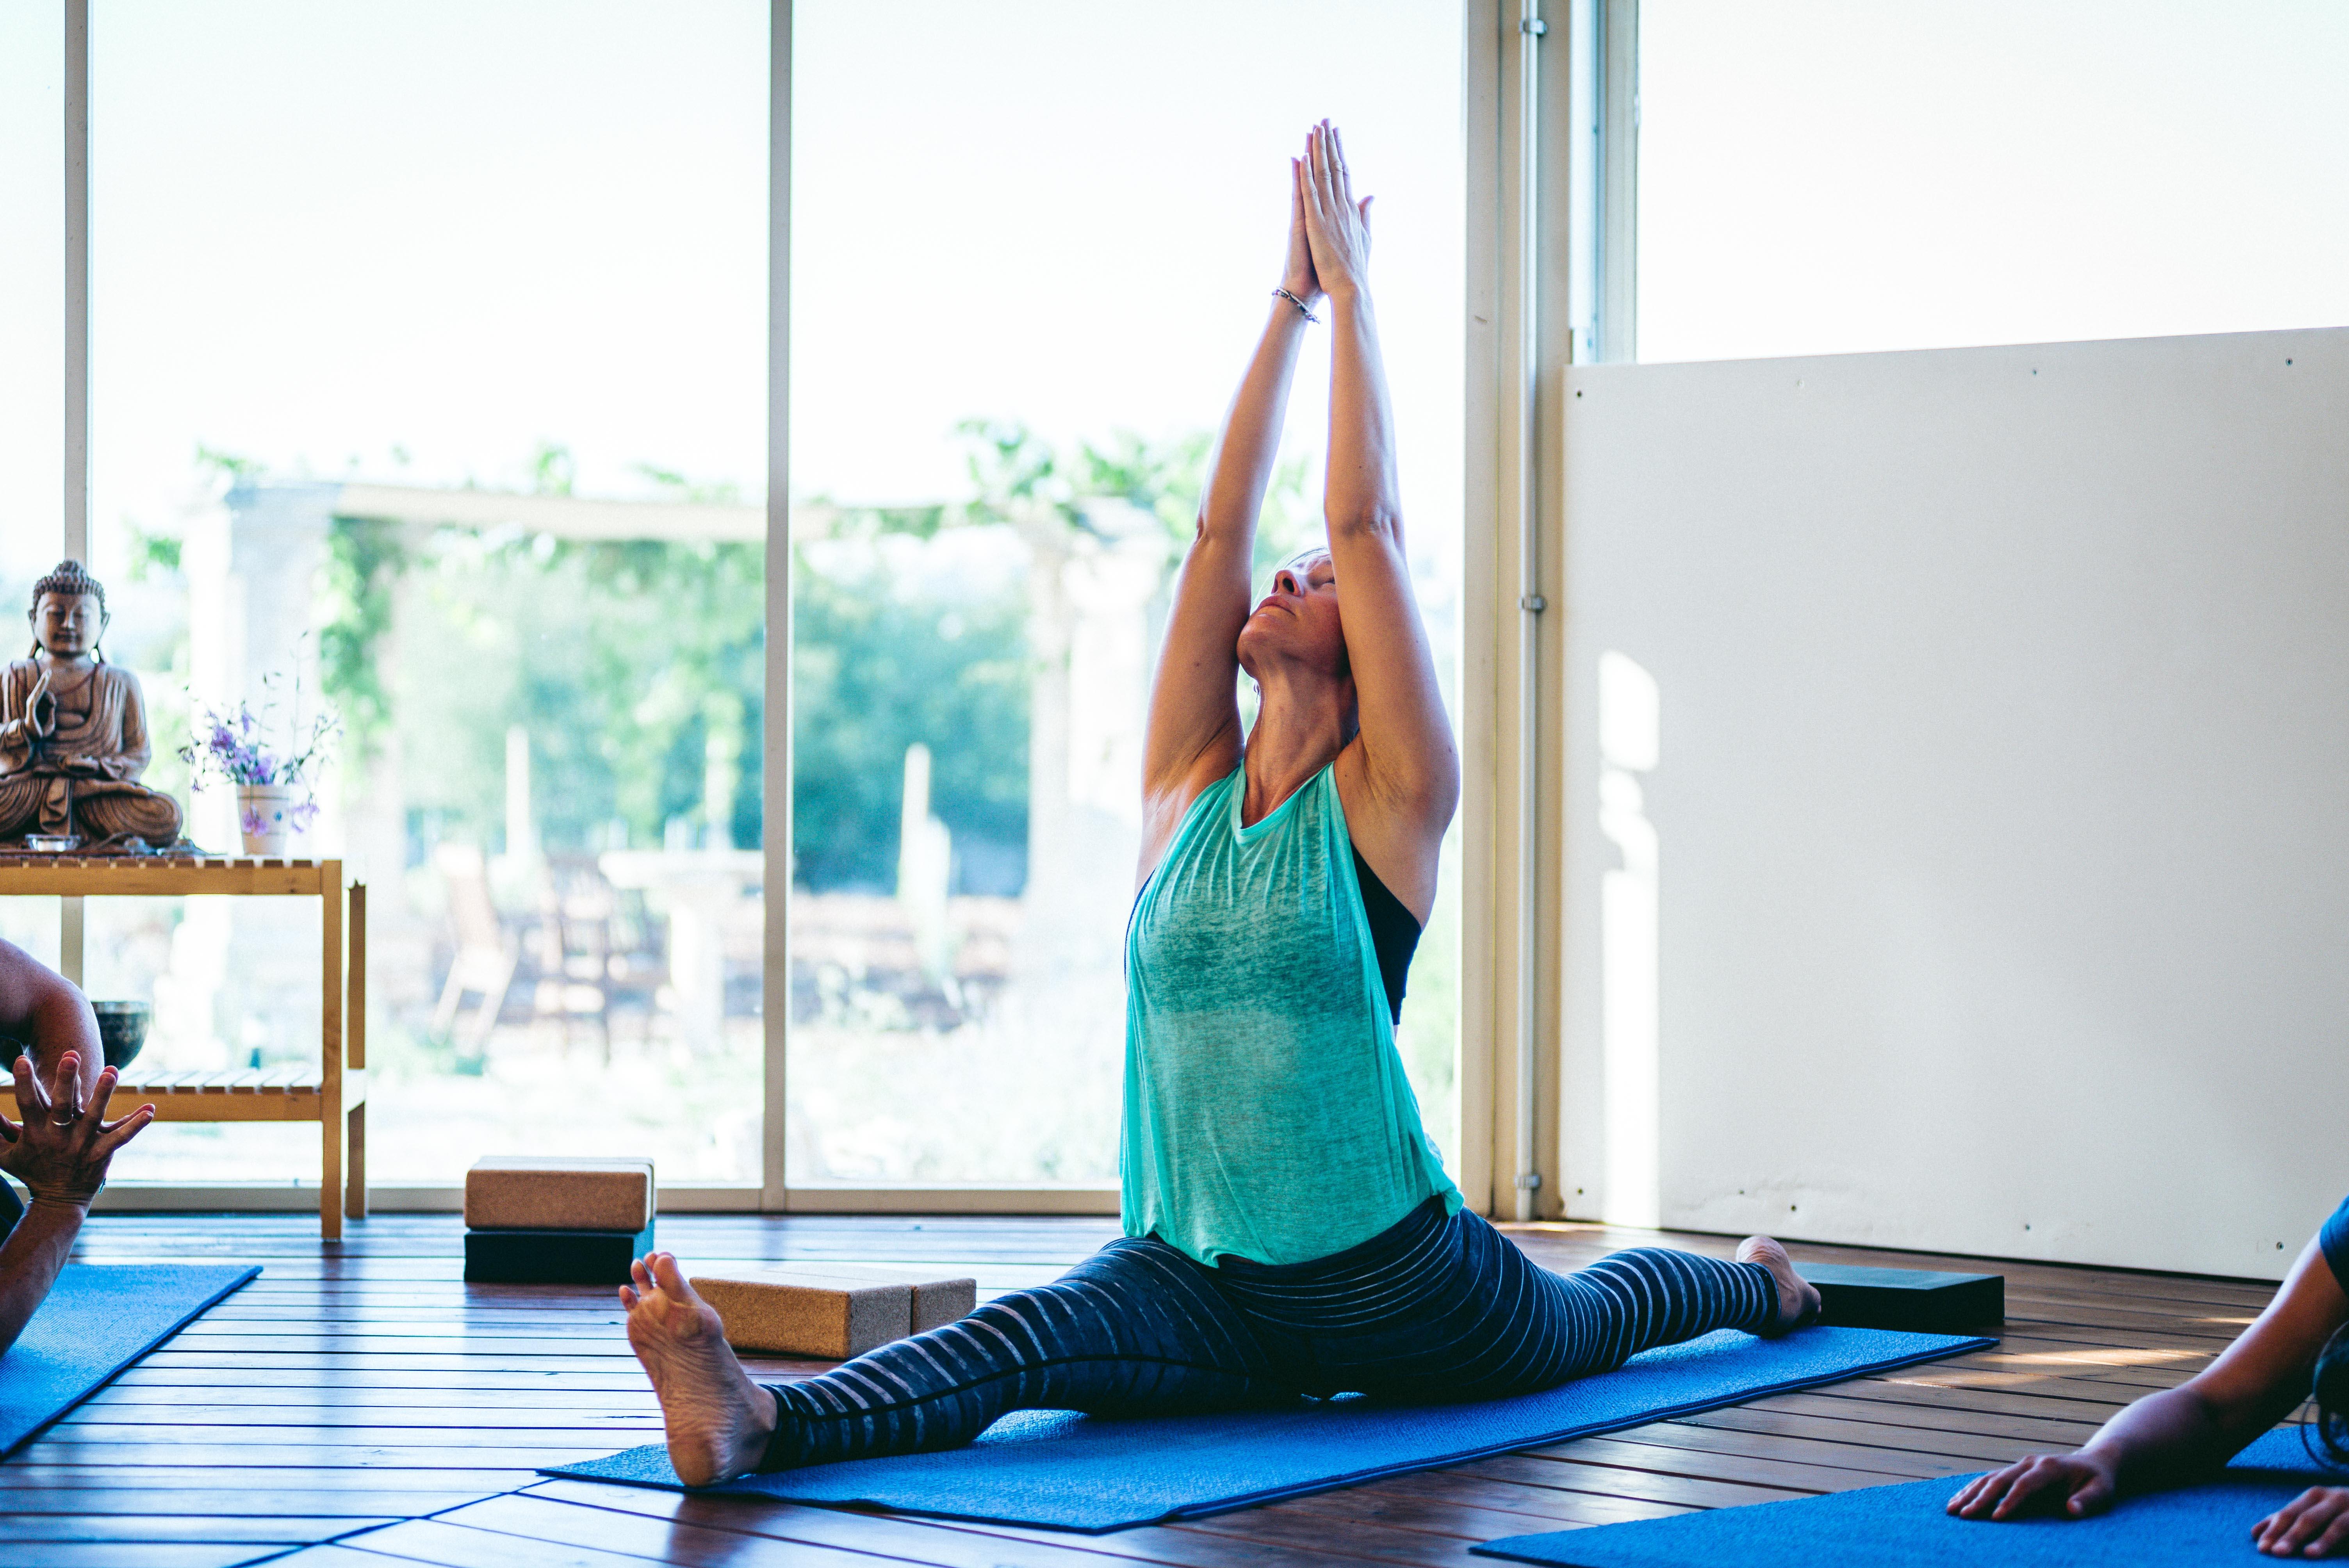 Jenni yoga